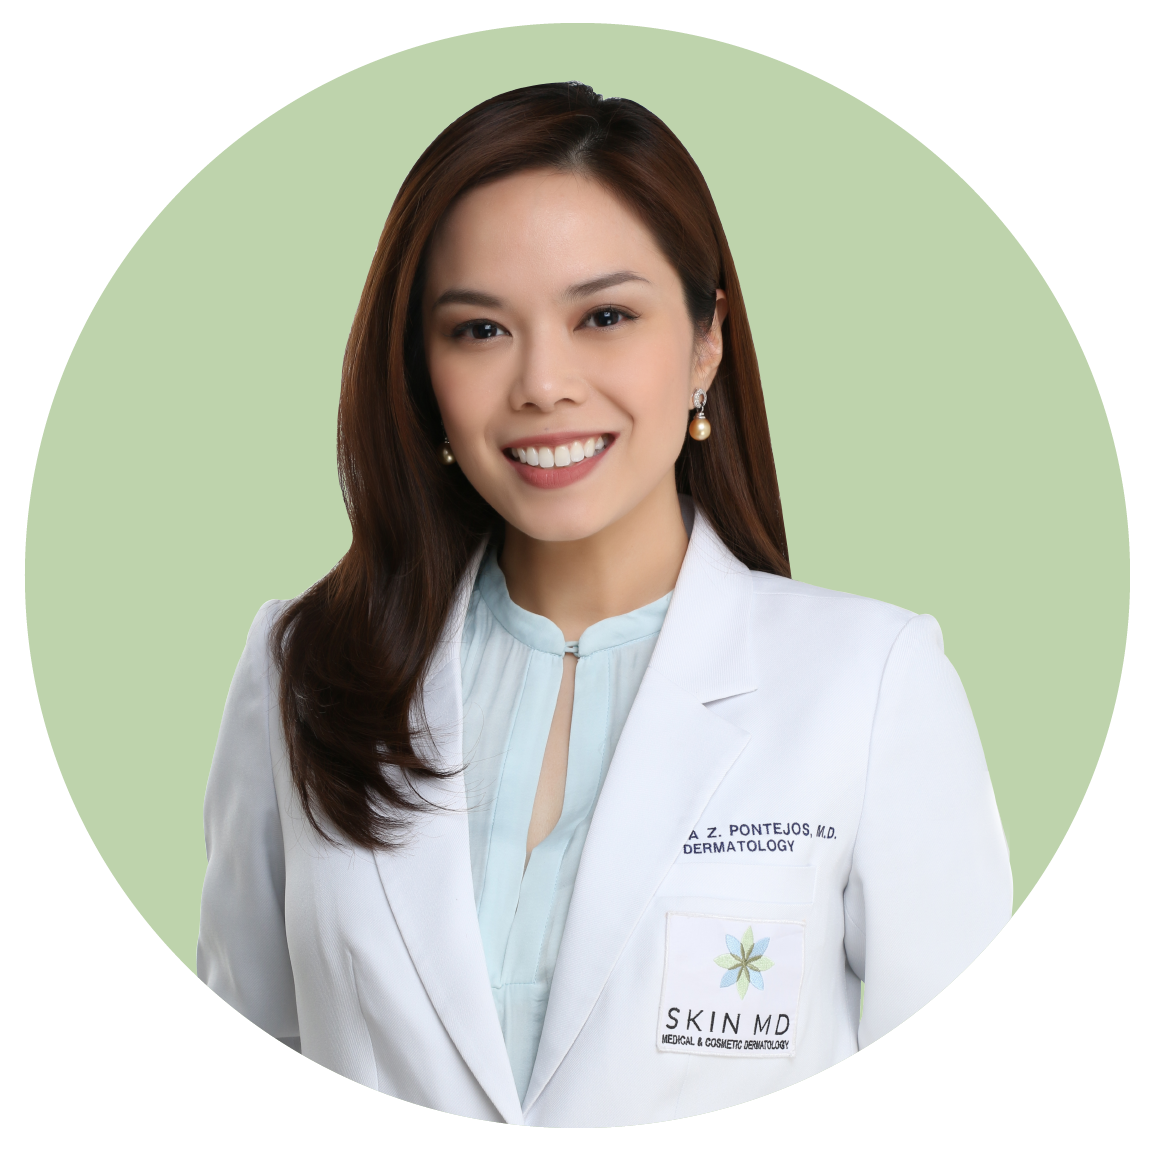 Patricia Anne Z. Pontejos - Best Dermatologist